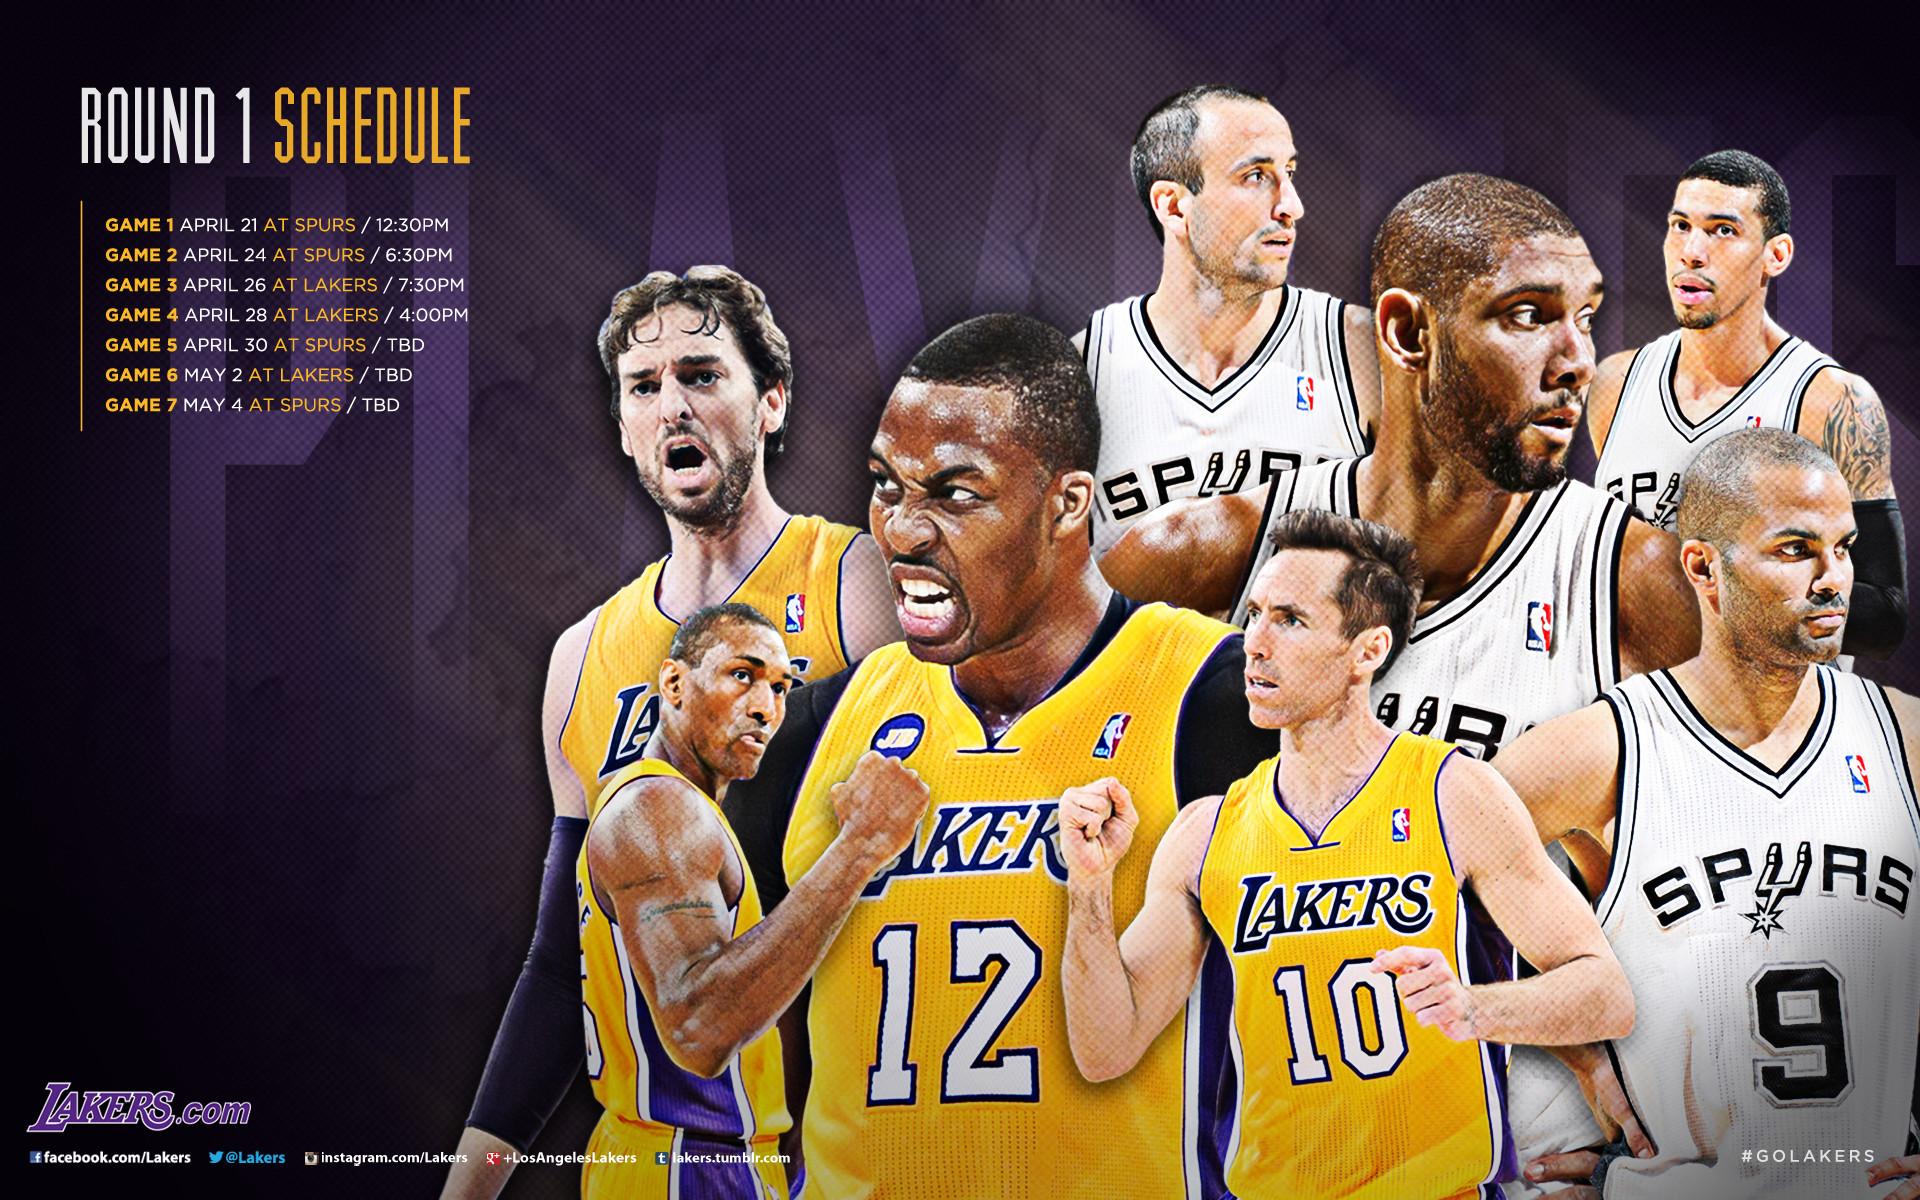 NBA LA Lakers Roster HD Wallpapers in HD   Ultra HD Abstract Wallpapers    Pinterest   Lakers roster and Hd wallpaper